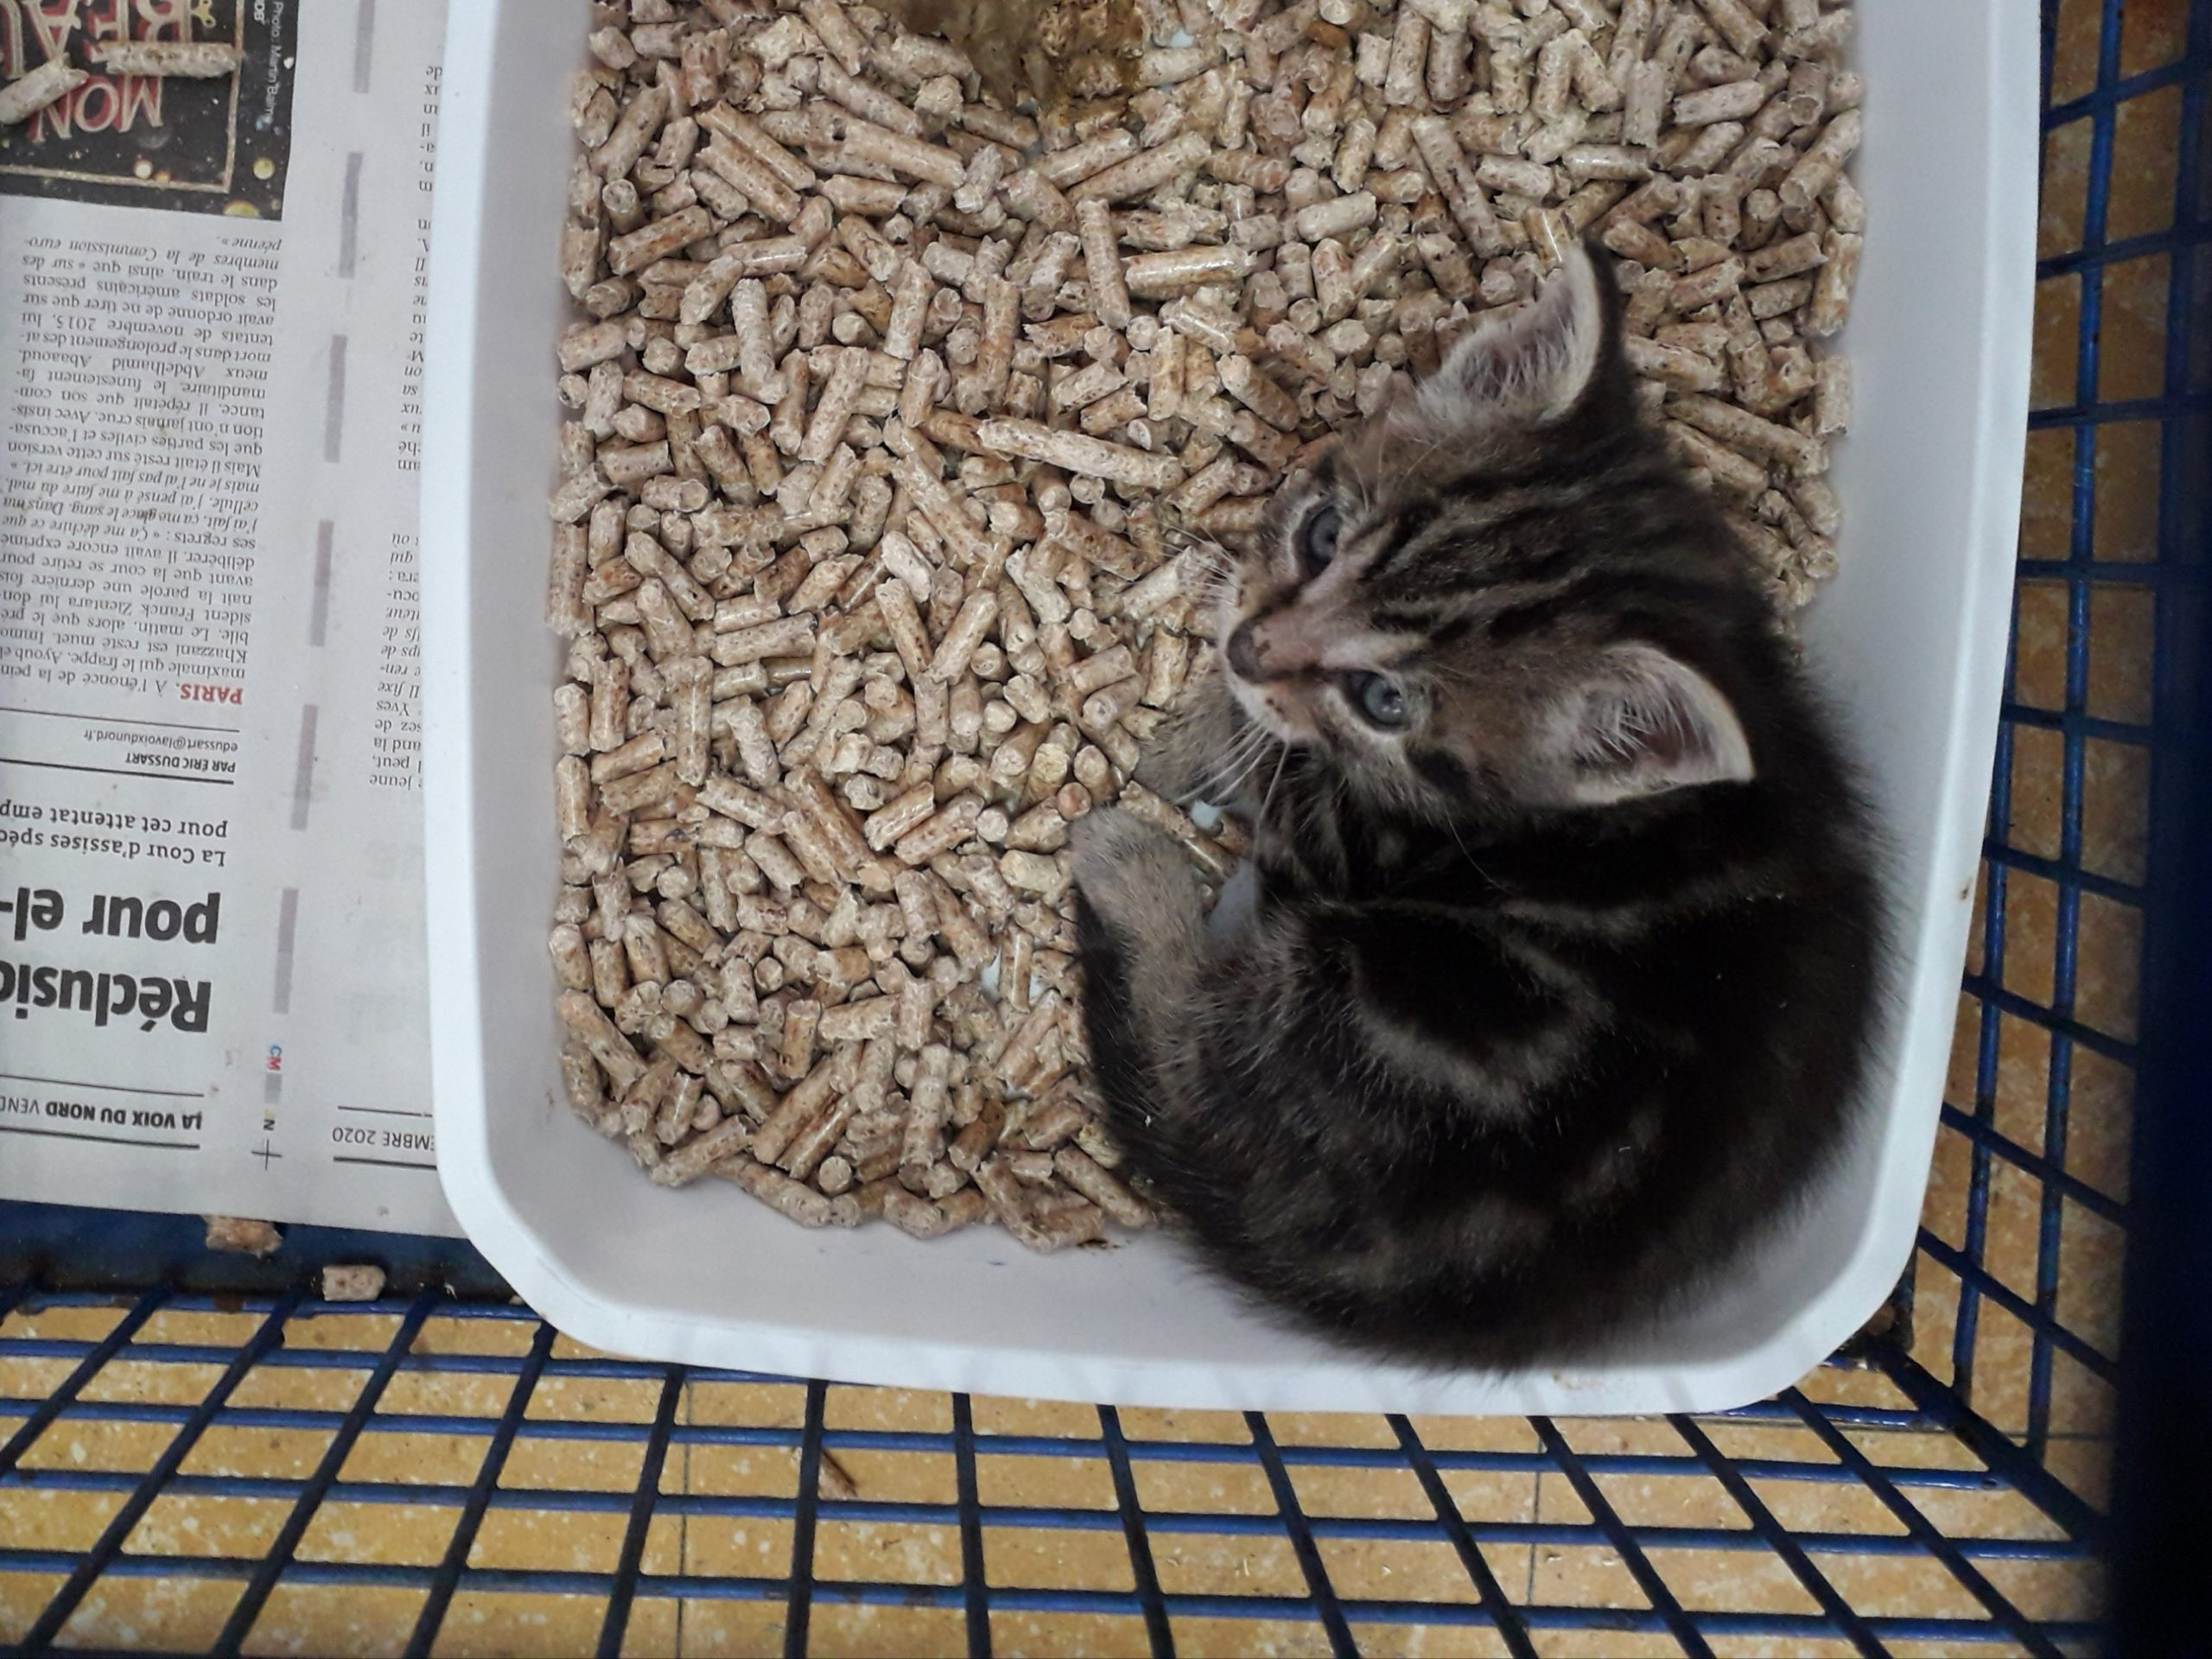 Médaille 8167 (N° Dossier 29375) Mâle chaton brown tabby trouvé le 07/09/2021 à Pérenchies